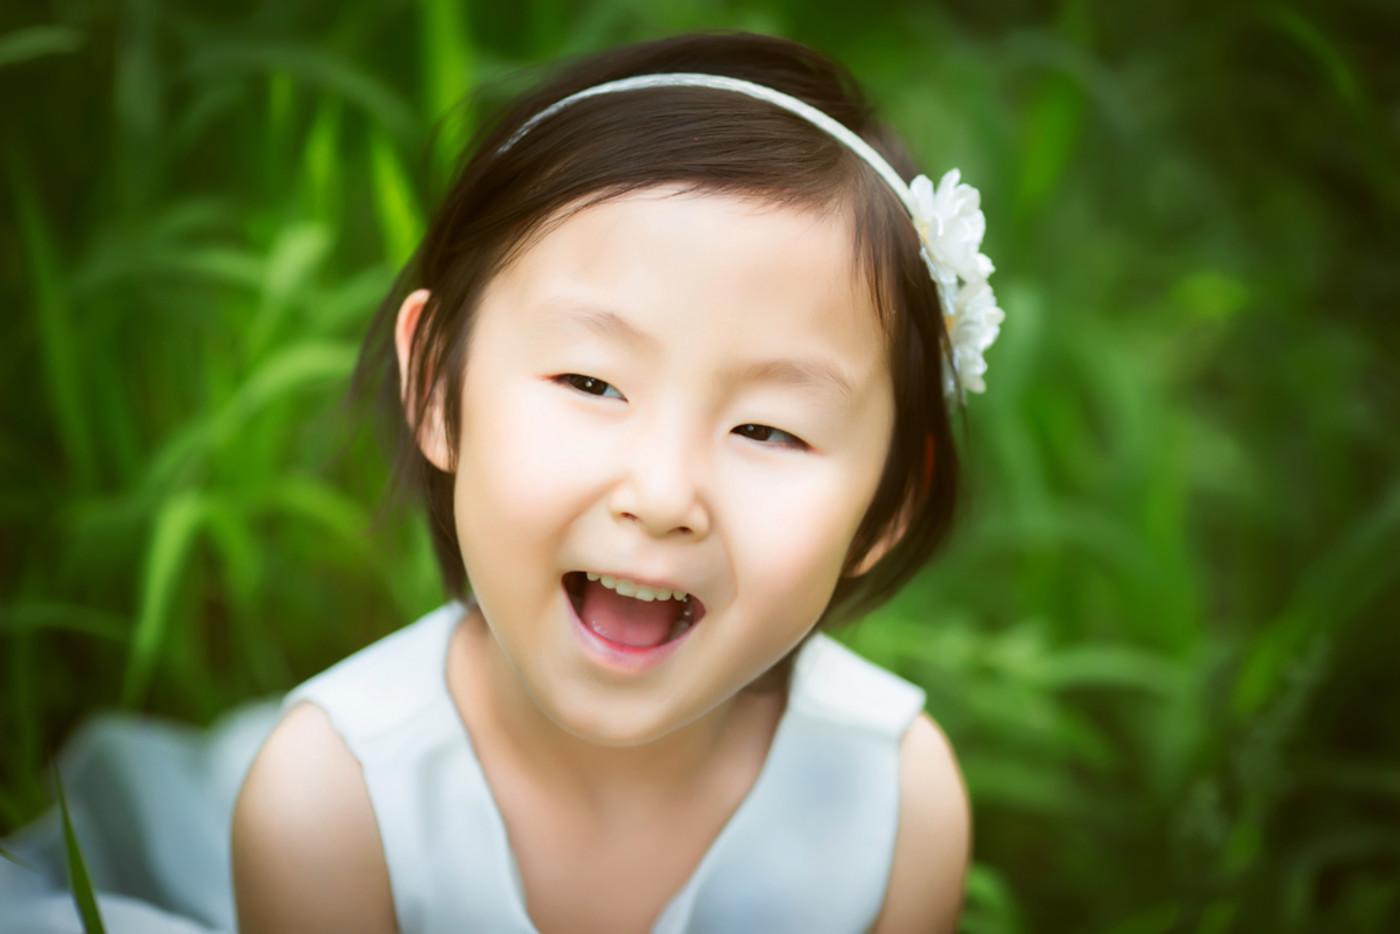 盛夏时节-带孩子们拍起来18